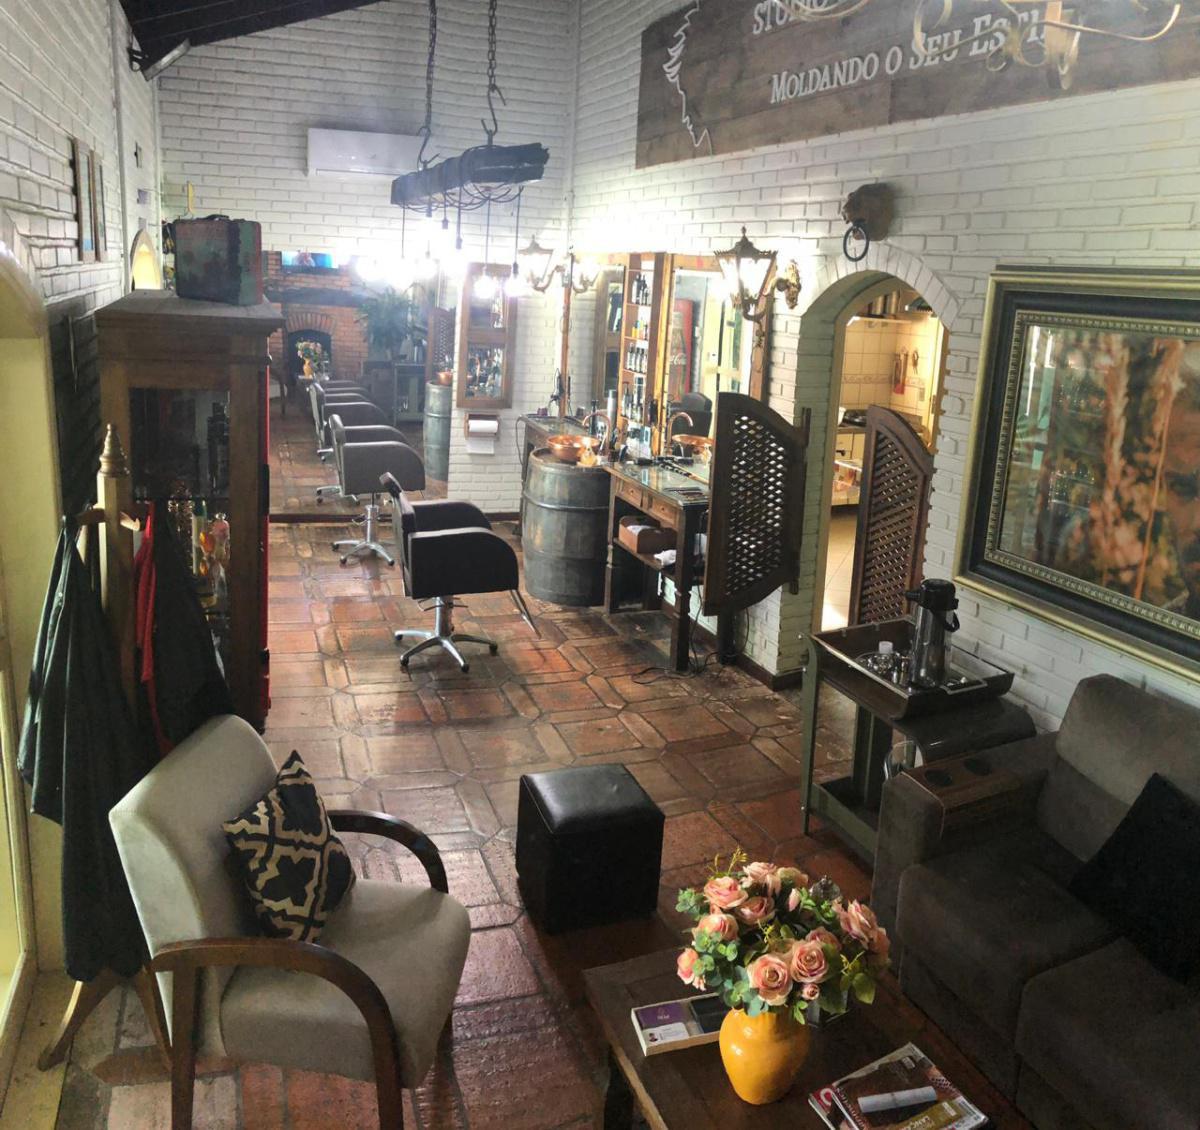 Studio Emerson Chagas